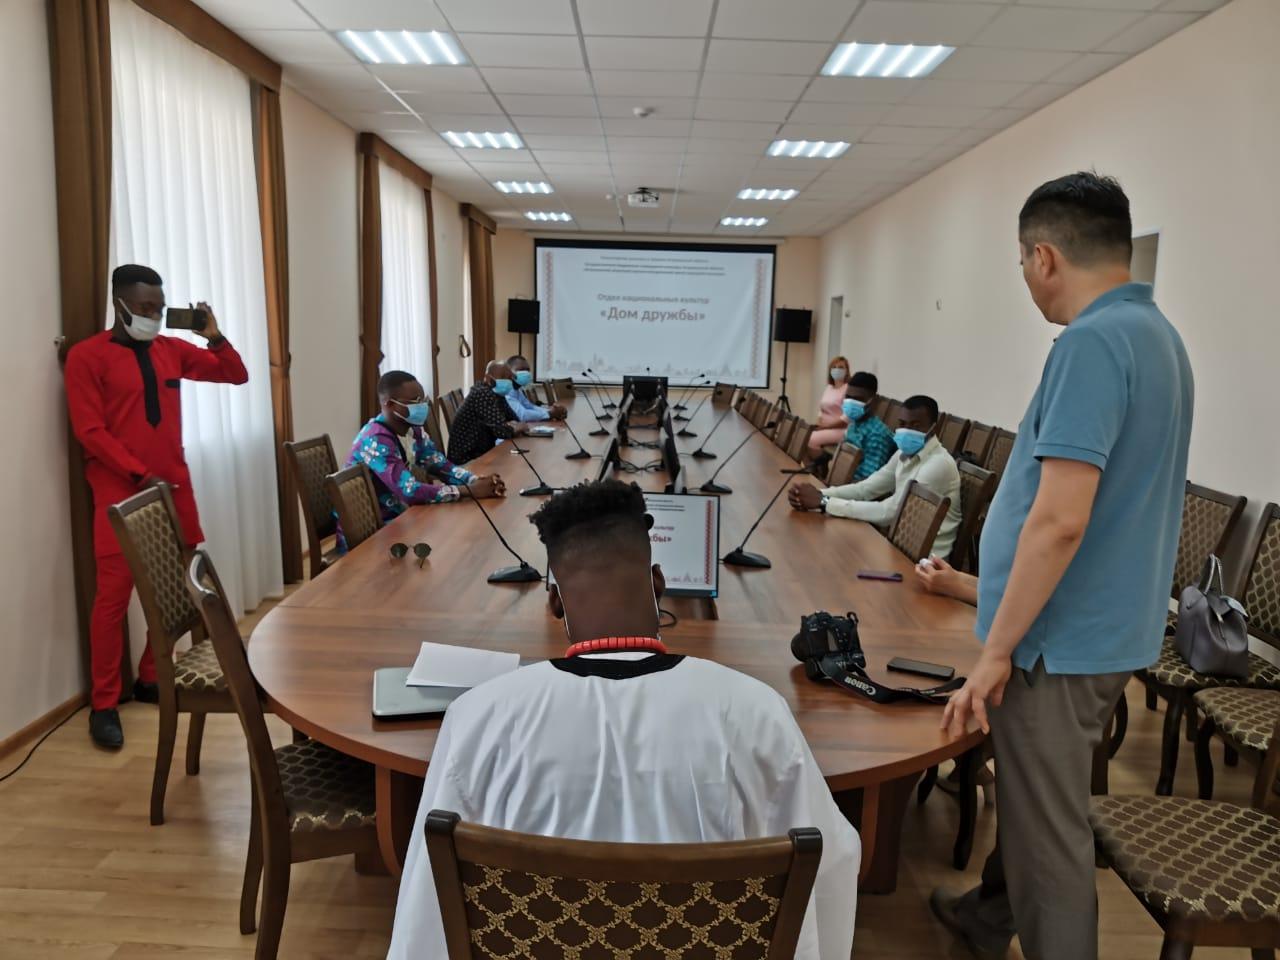 В Доме дружбы прошёл Круглый стол для иностранных студентов